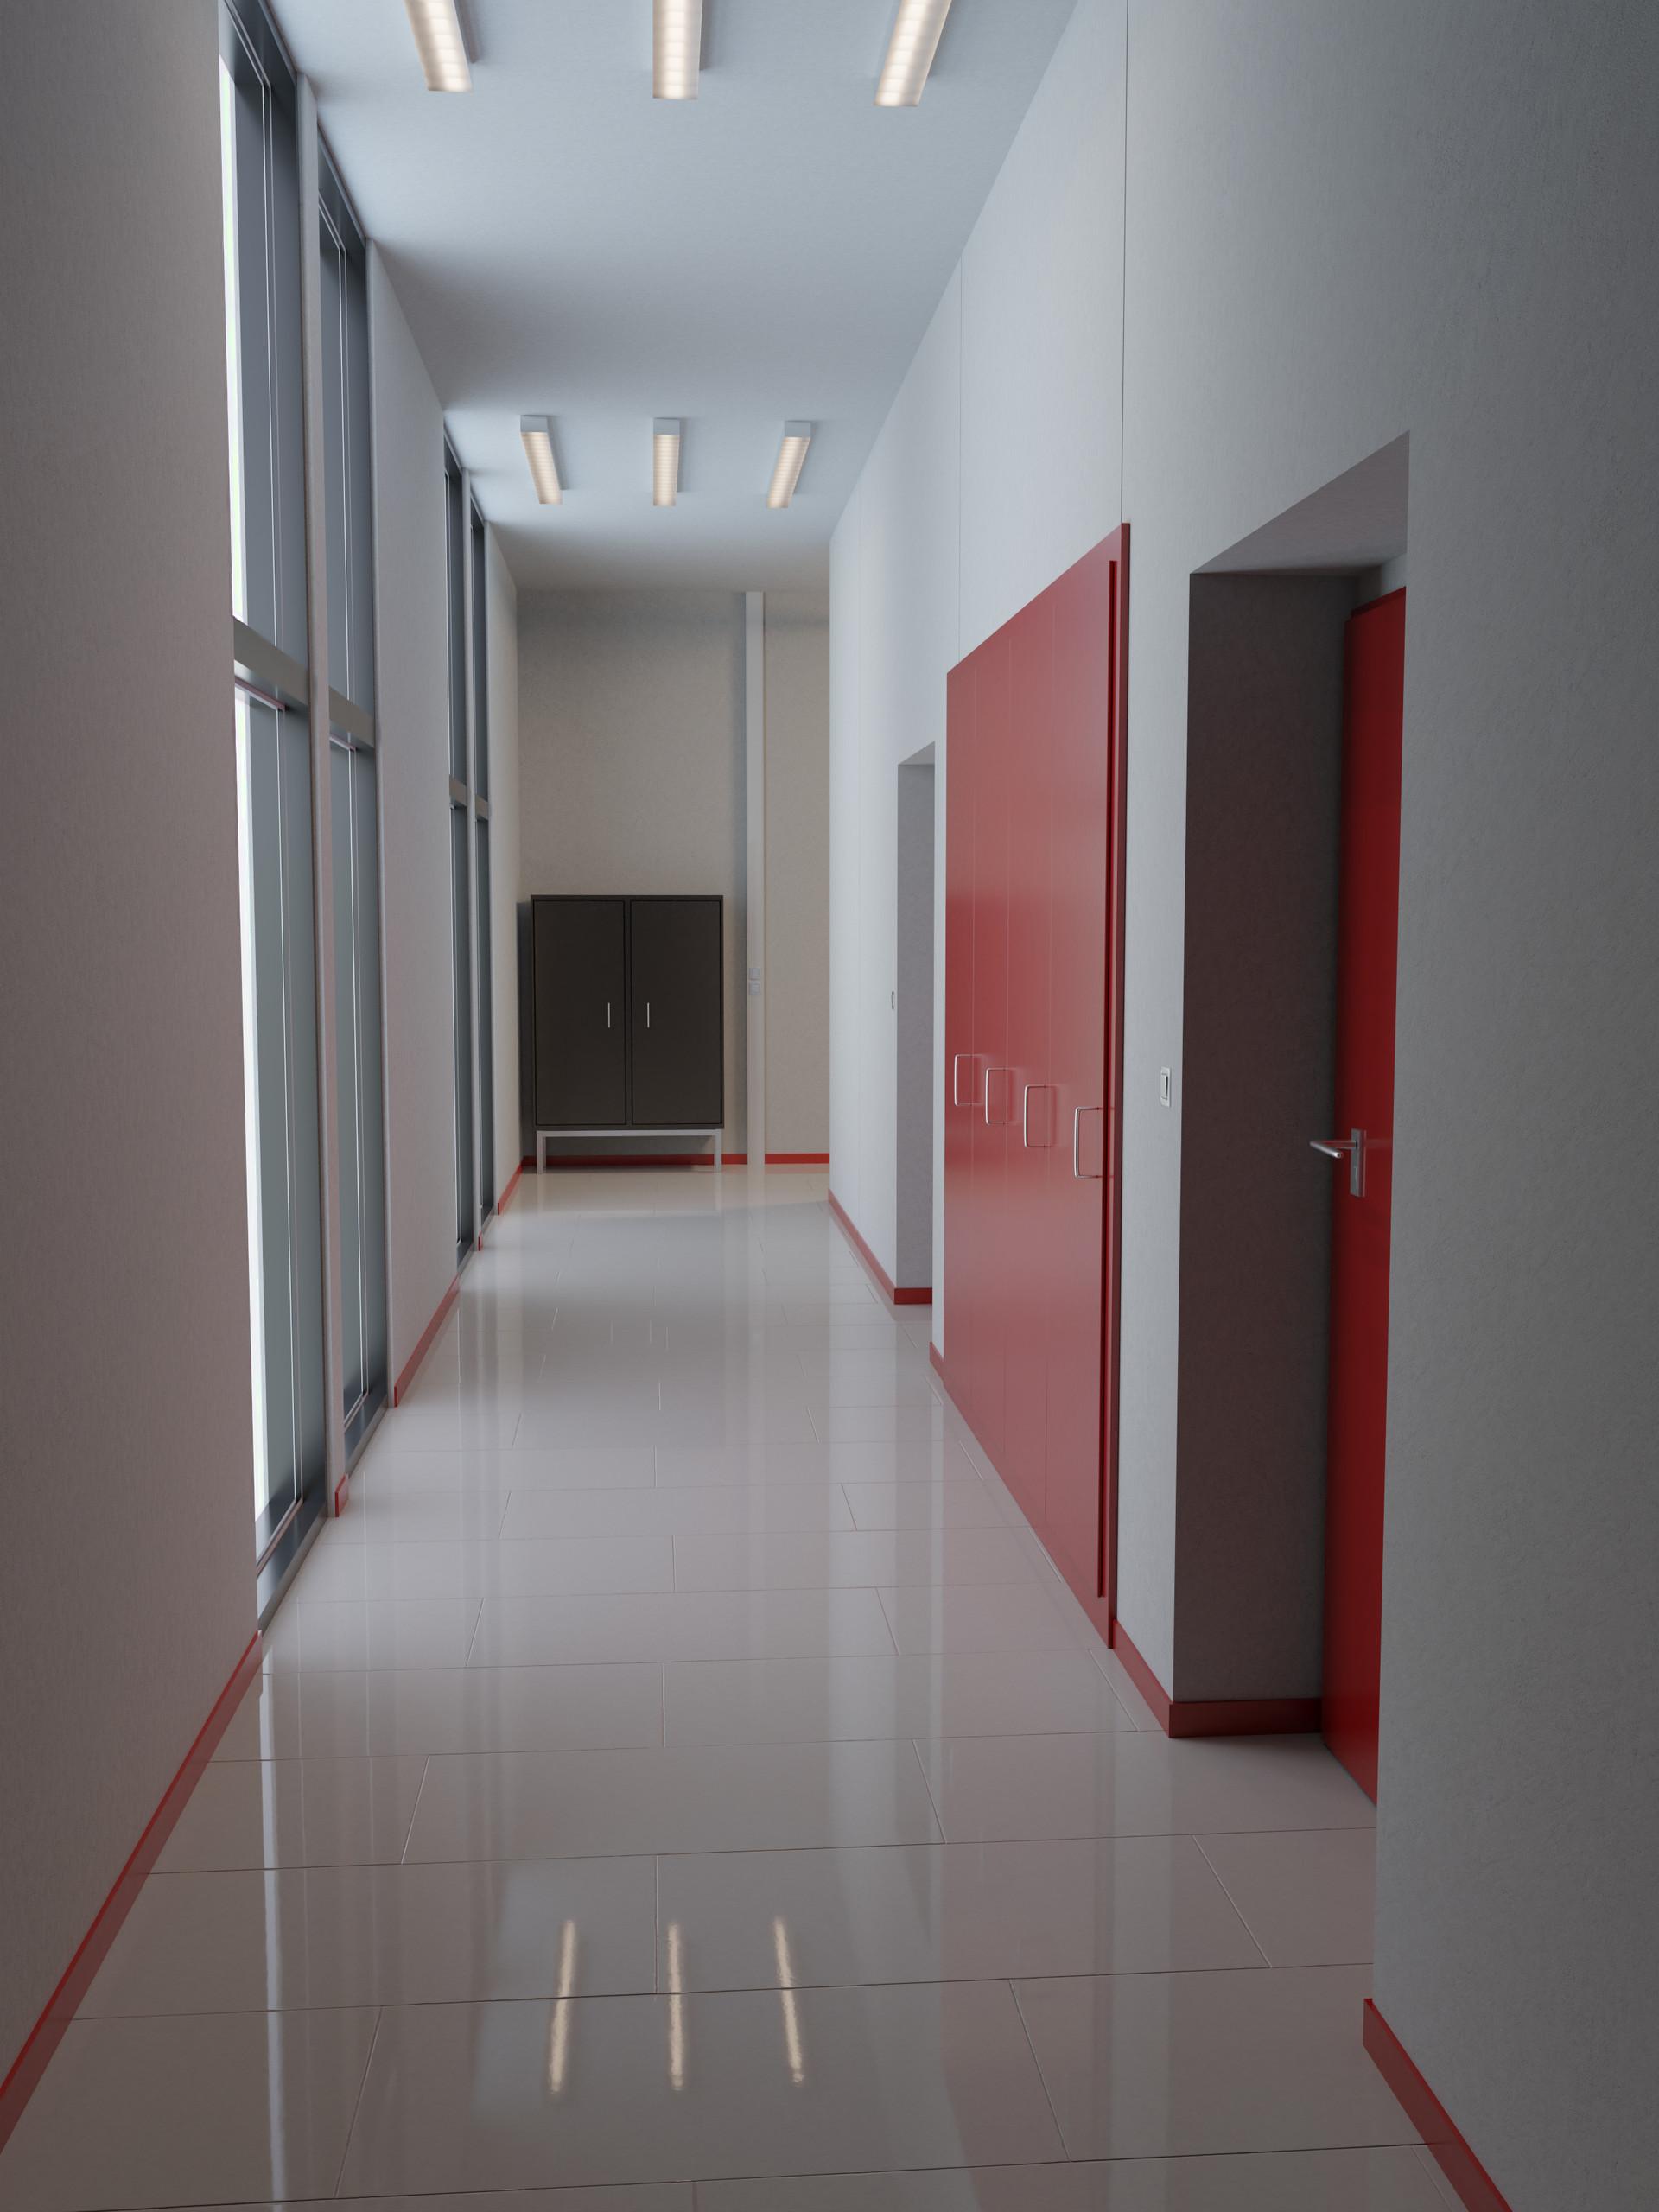 ArtStation - School Corridor, Julian Neri